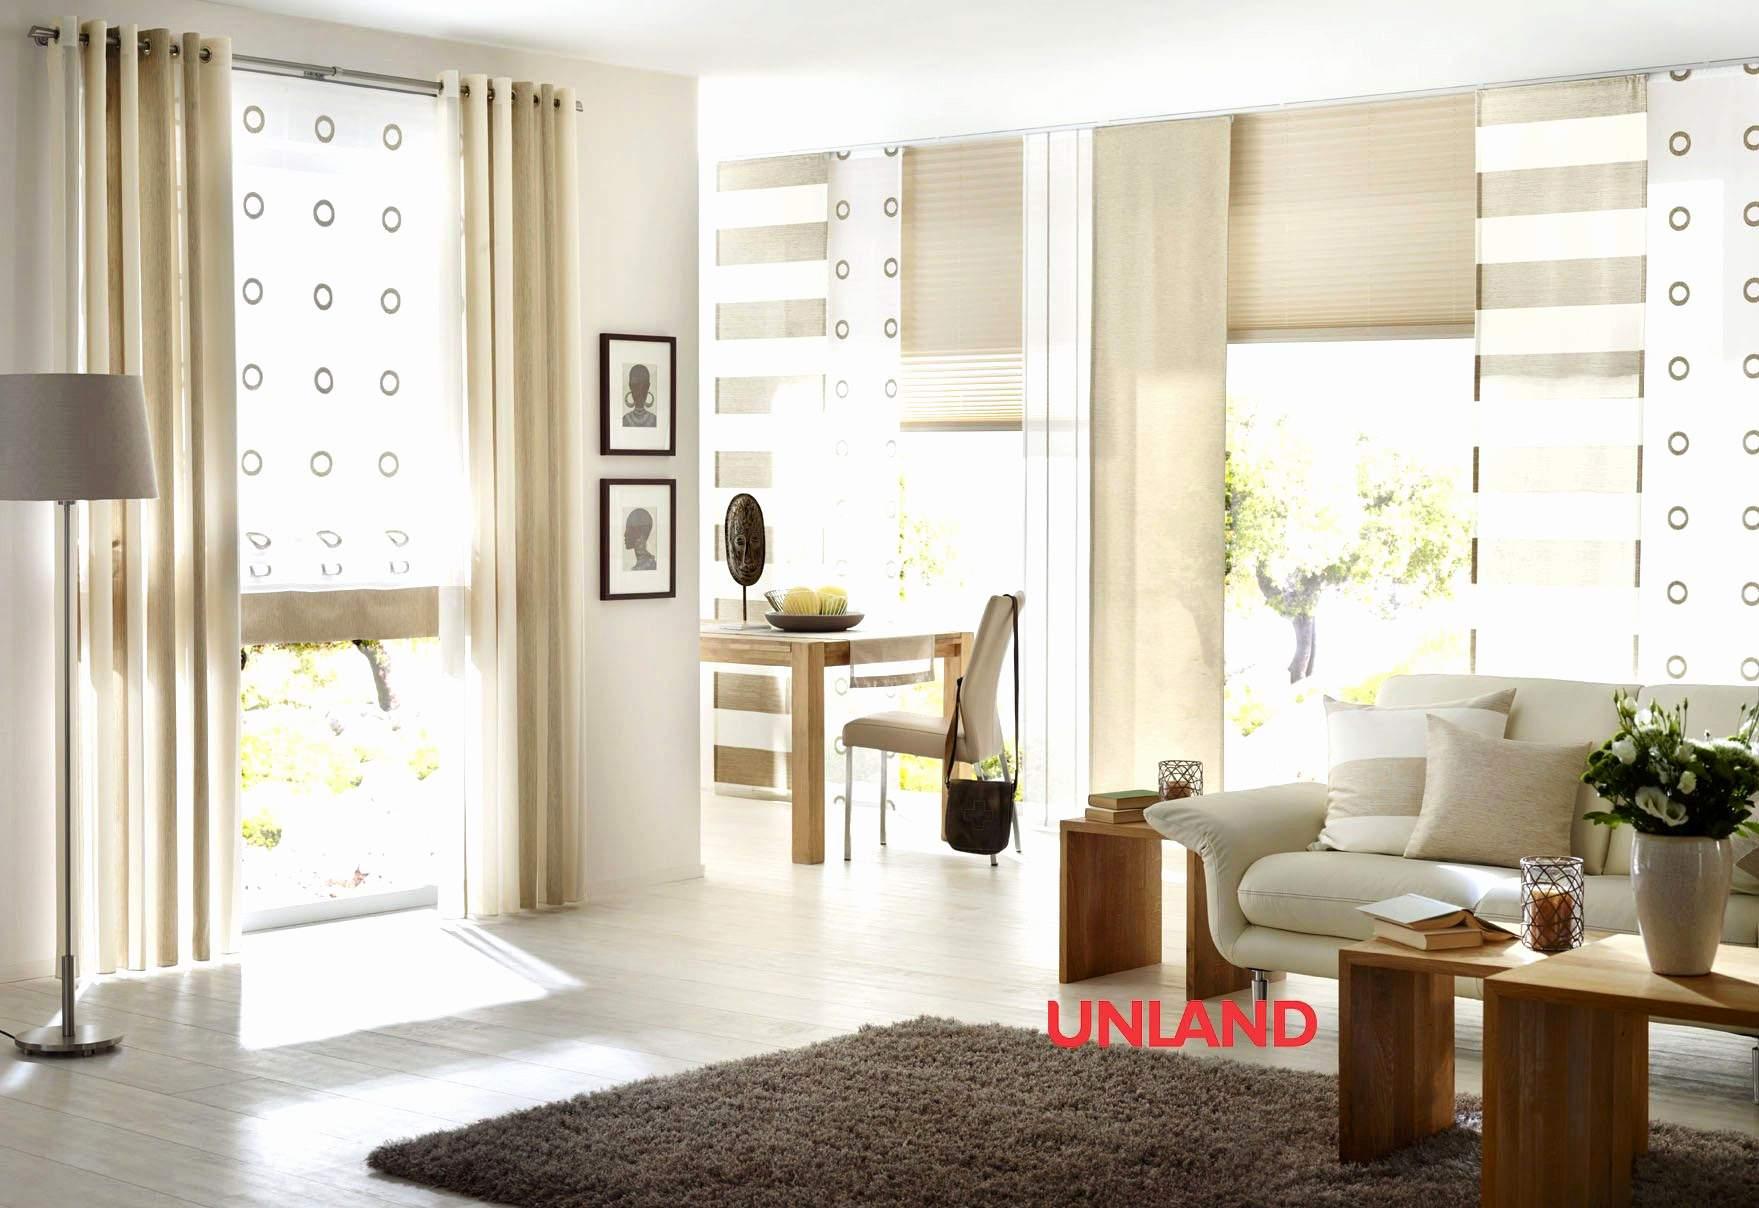 Full Size of Raffgardinen Wohnzimmer Genial 46 Genial Vorhang Ideen Wohnzimmer Küche Raffrollo Küche